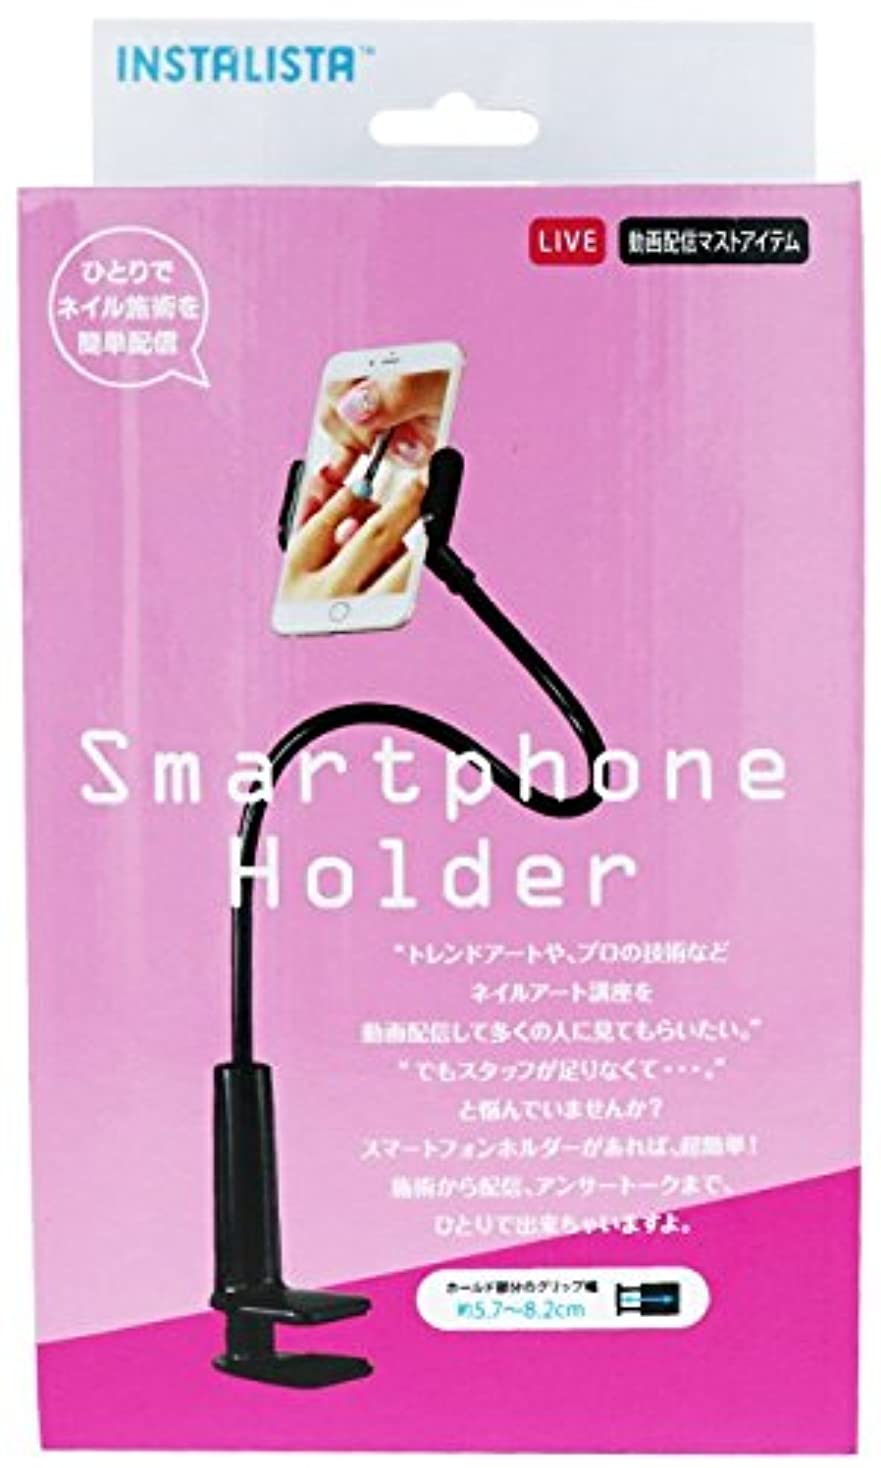 発送スリッパ基礎ビューティーネイラー スマートフォン ホルダー INS-002